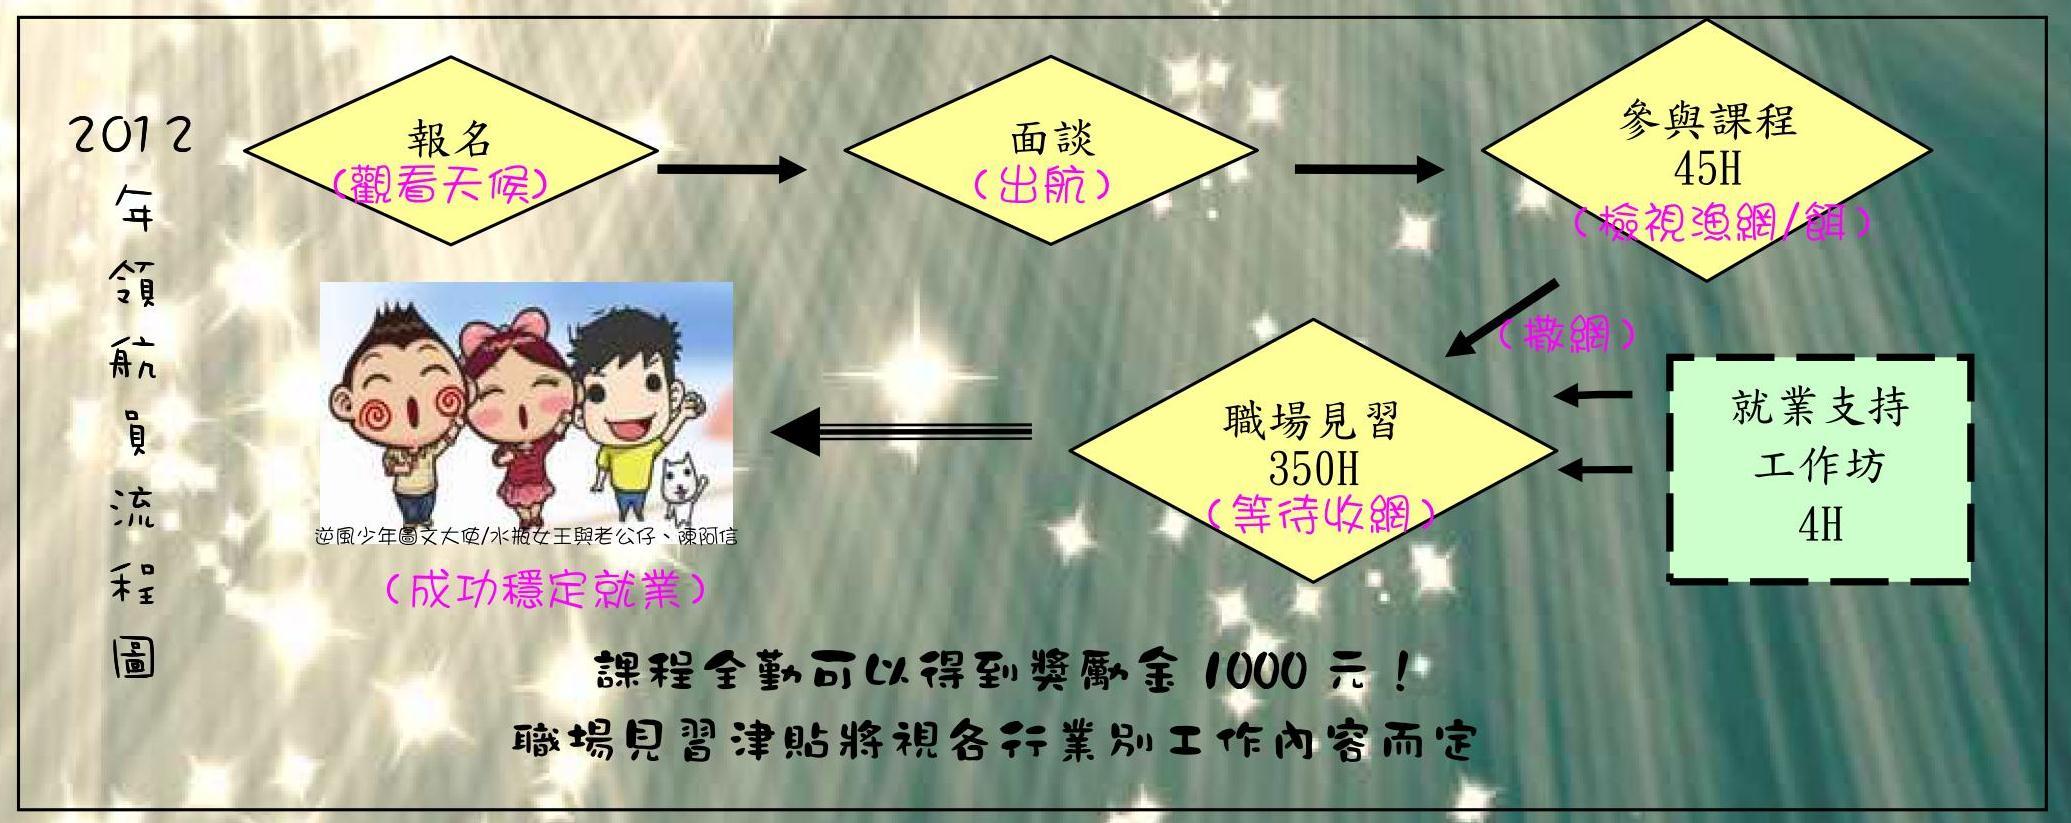 2012屏東招生簡章